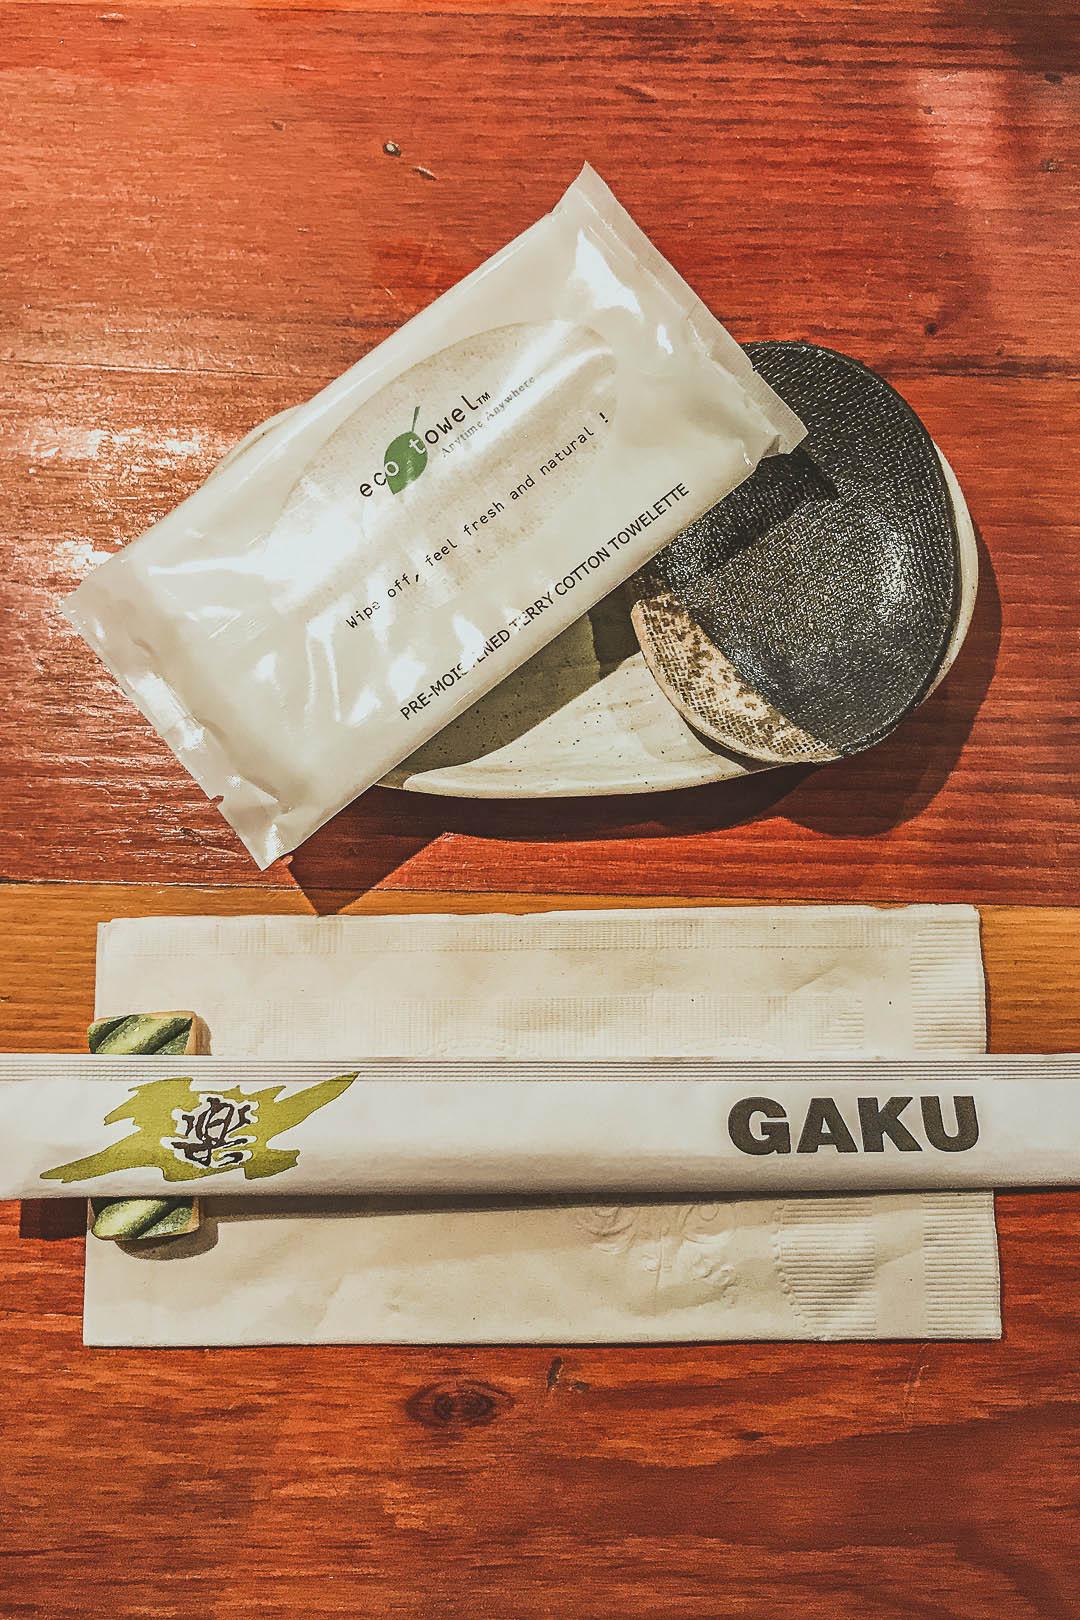 Sushi Izakaya Gaku Place Setting